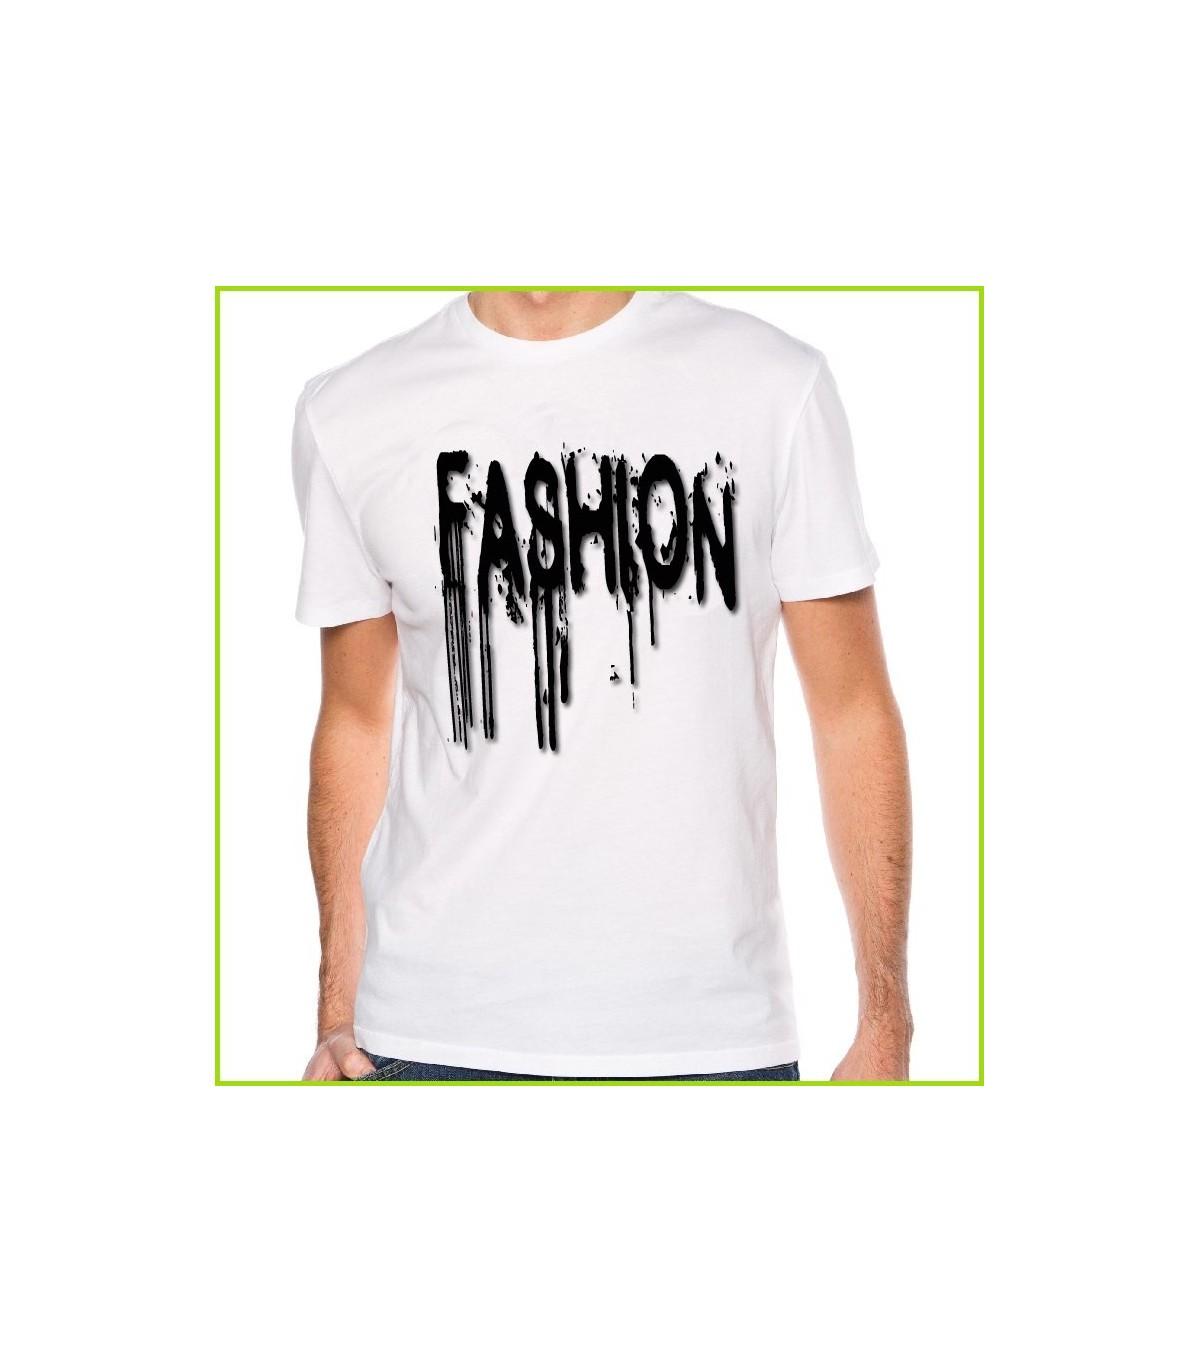 Tee shirt fashon